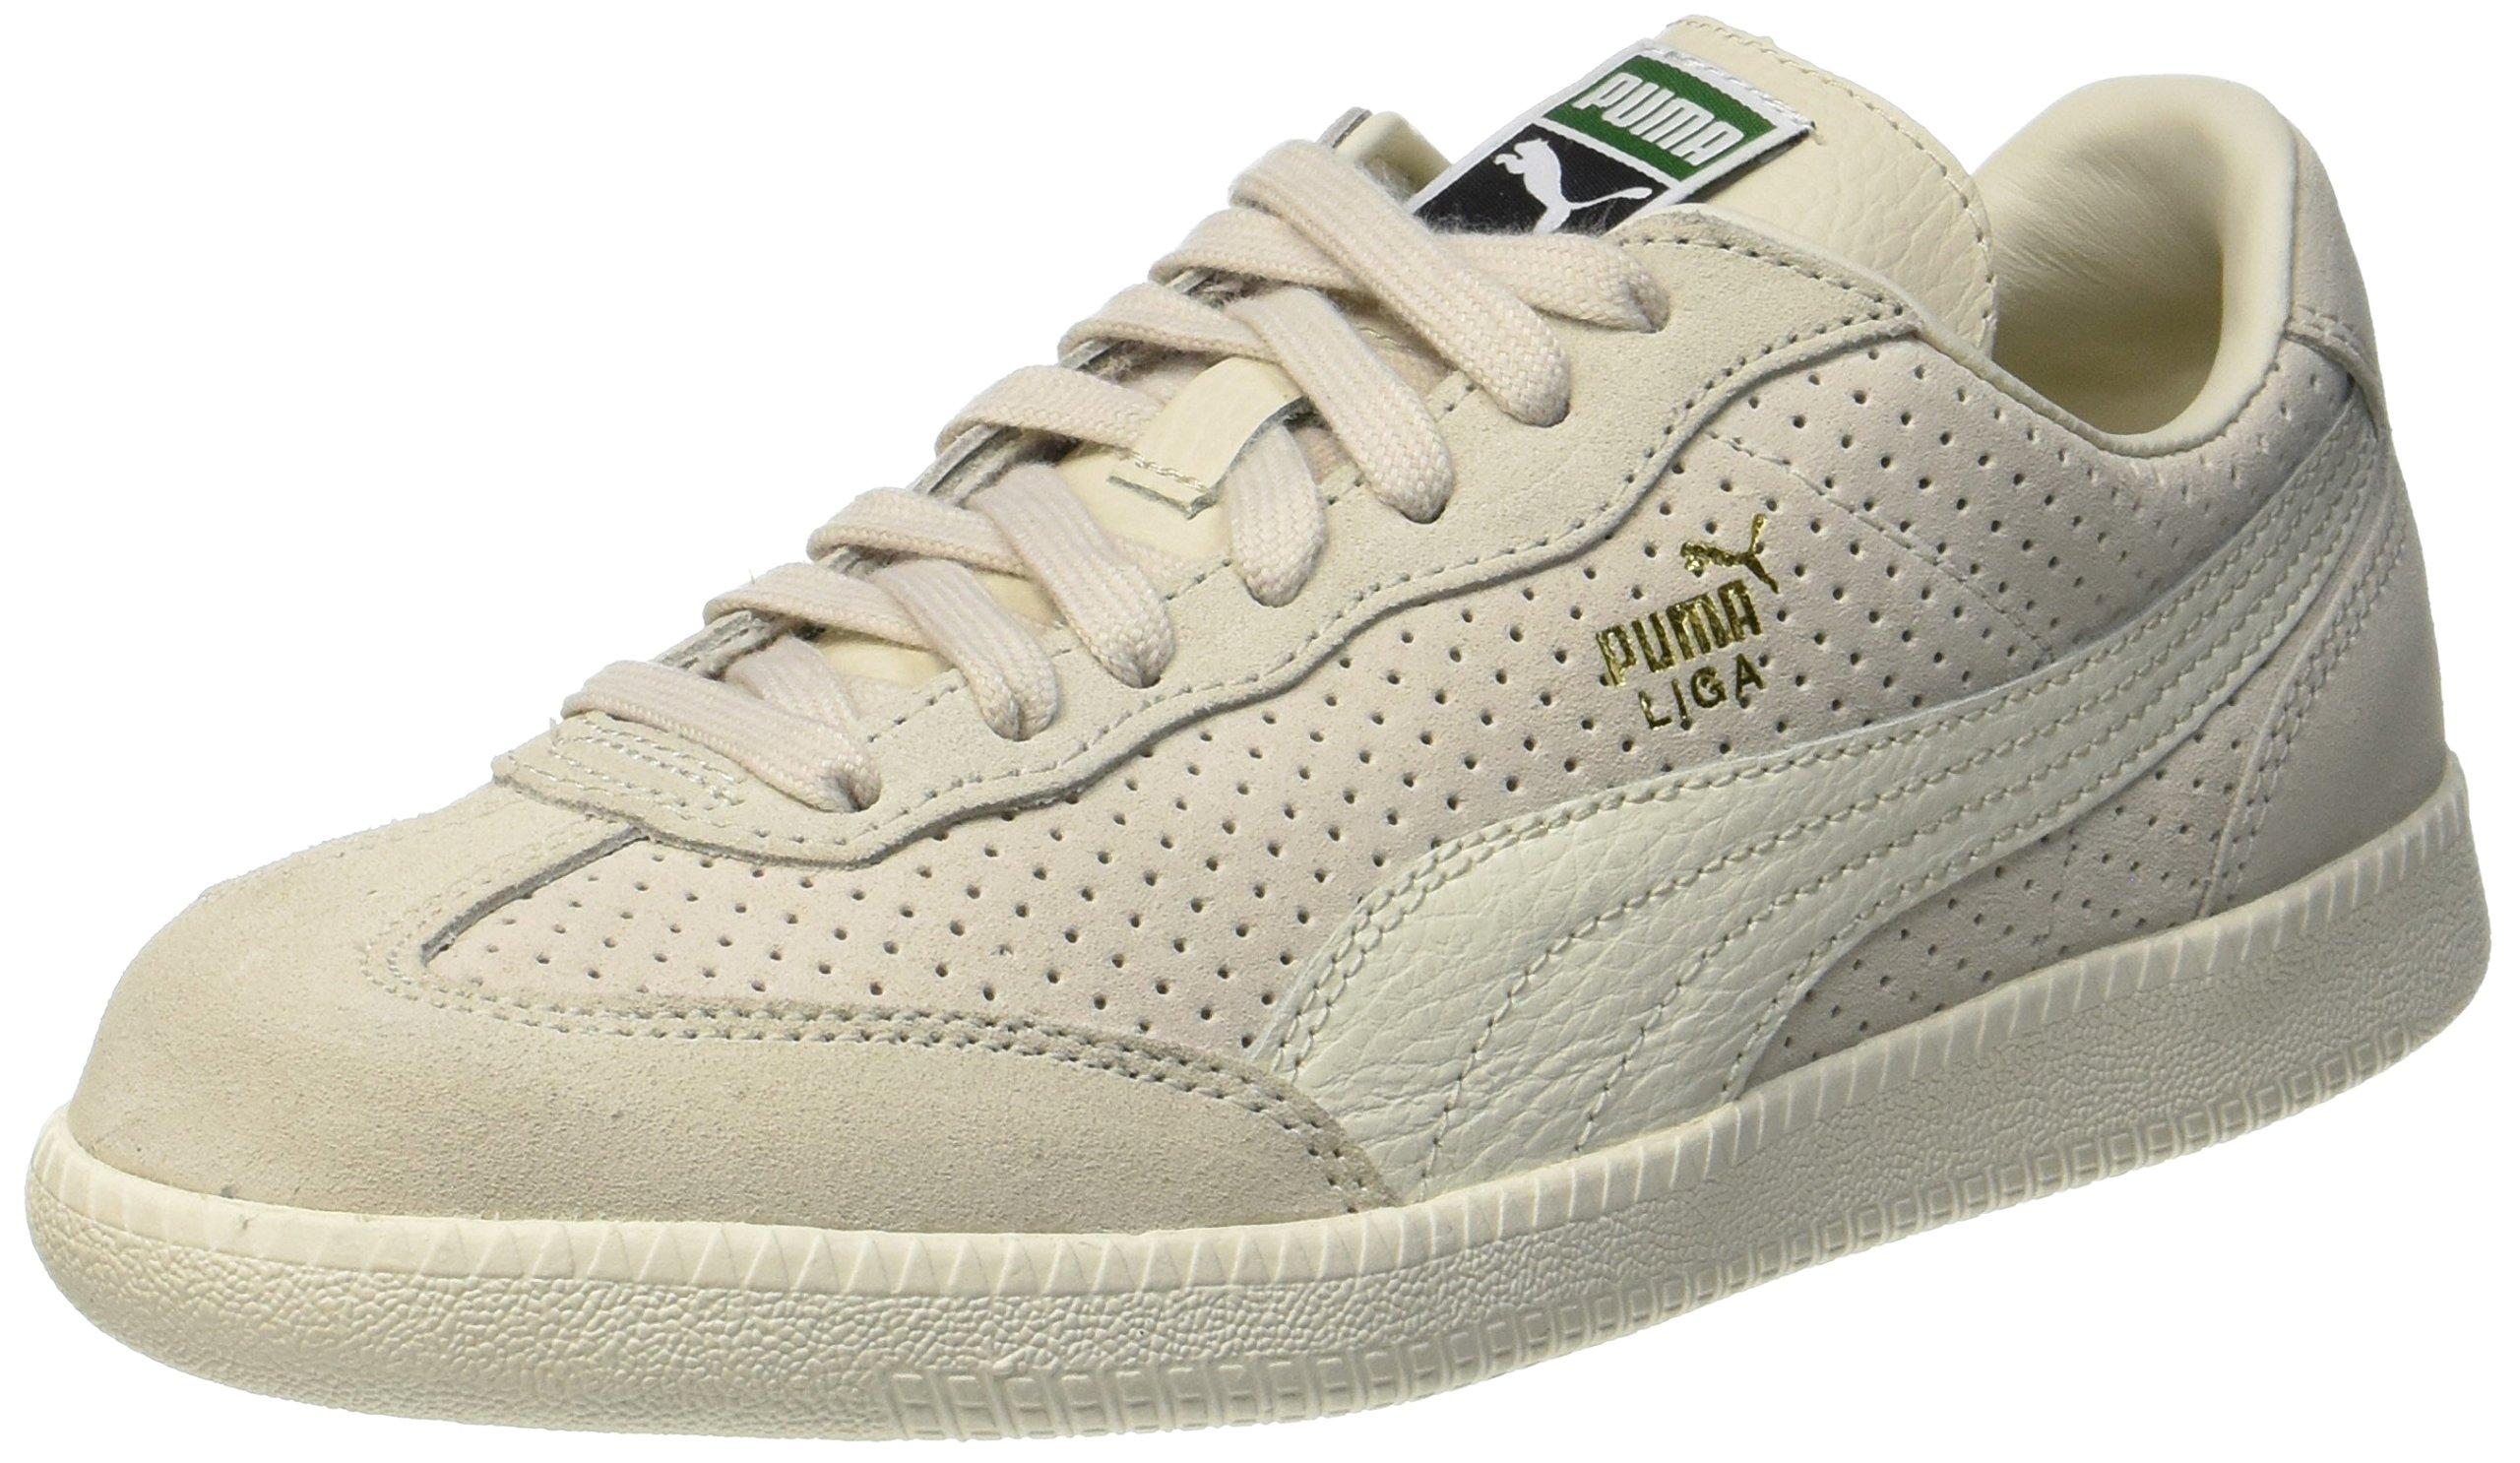 PUMA Liga Suede Perf, Sneakers Basses Mixte Adulte, Beige (Birch Whisper White Team Gold), 44.5 EU